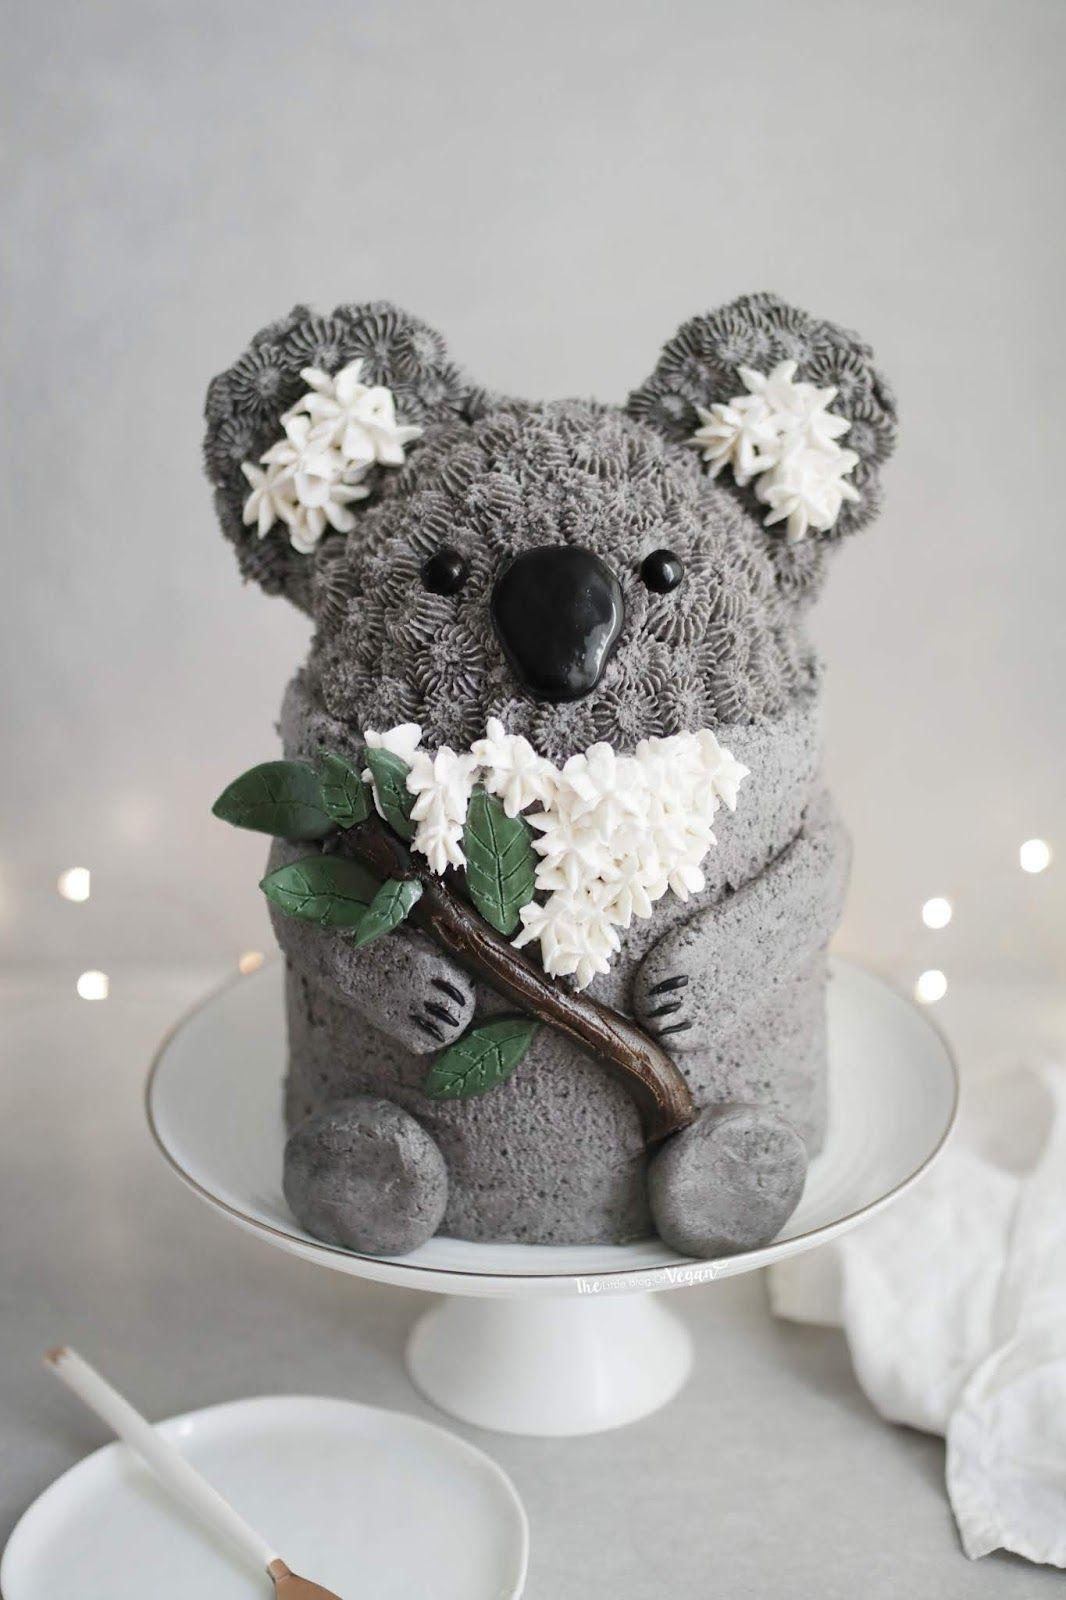 Cookies and Cream Koala cake recipe